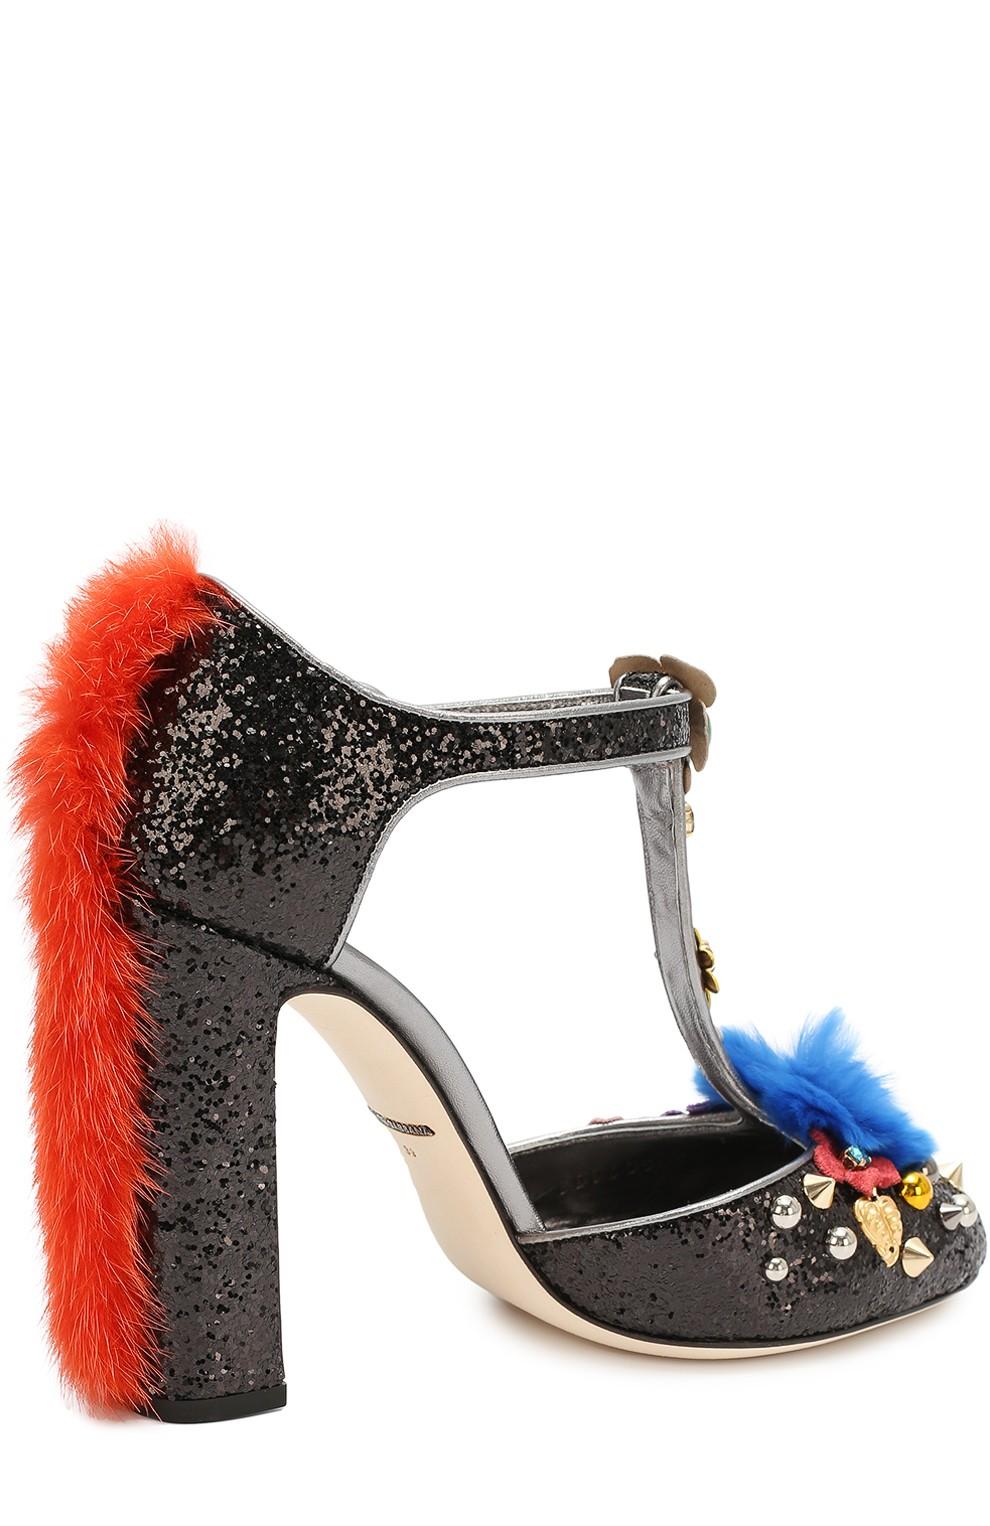 Модные туфли 2019 фото: каблук с мехом носок в камни